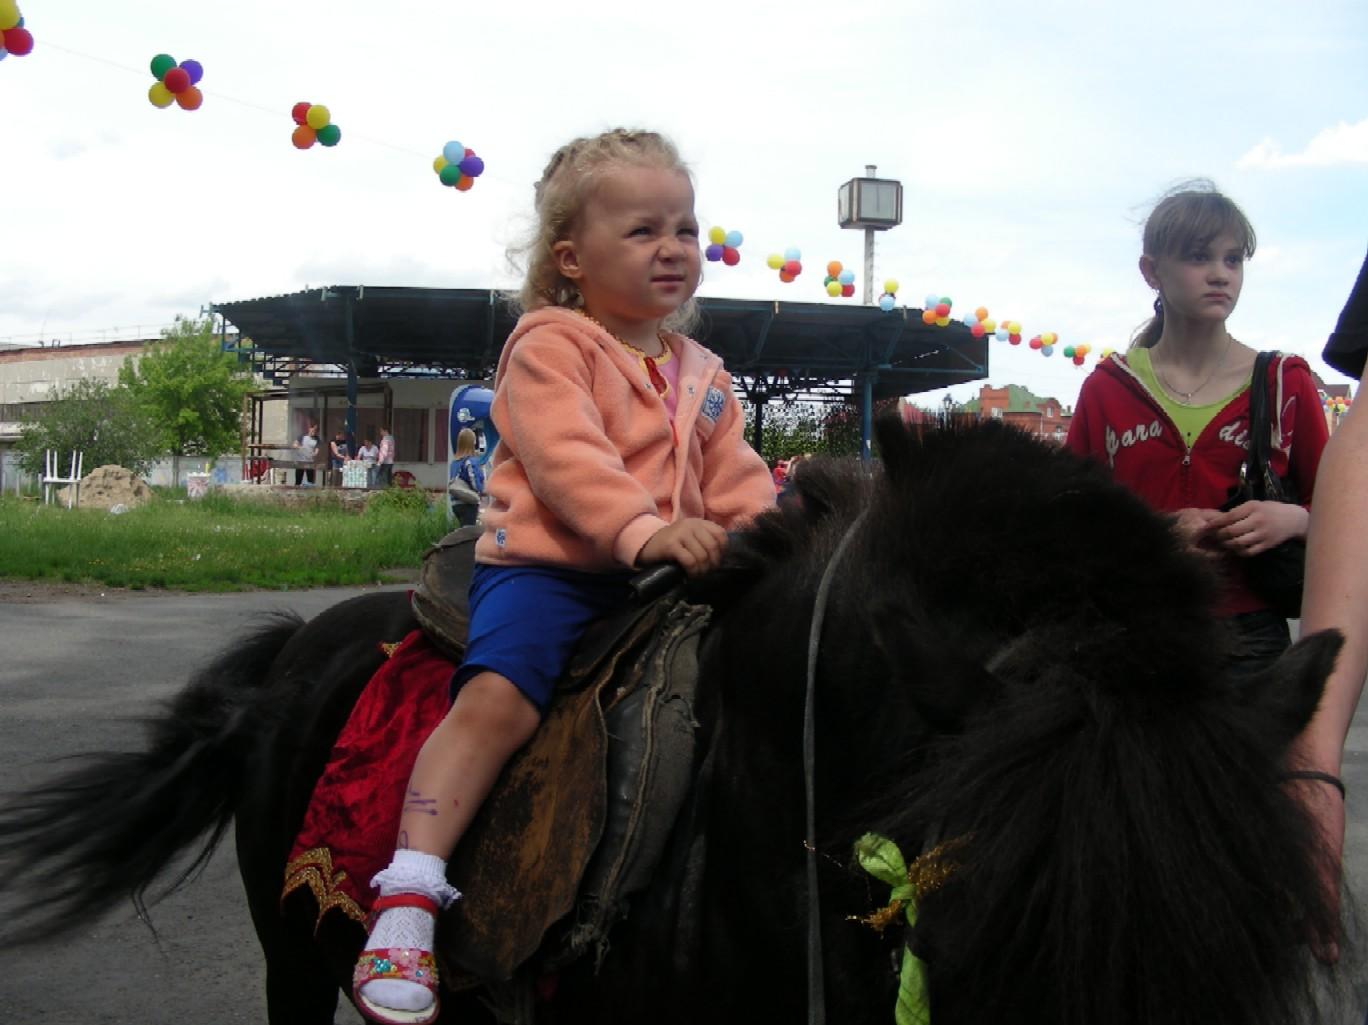 Василиска-верхом на пони.. Маленький герой